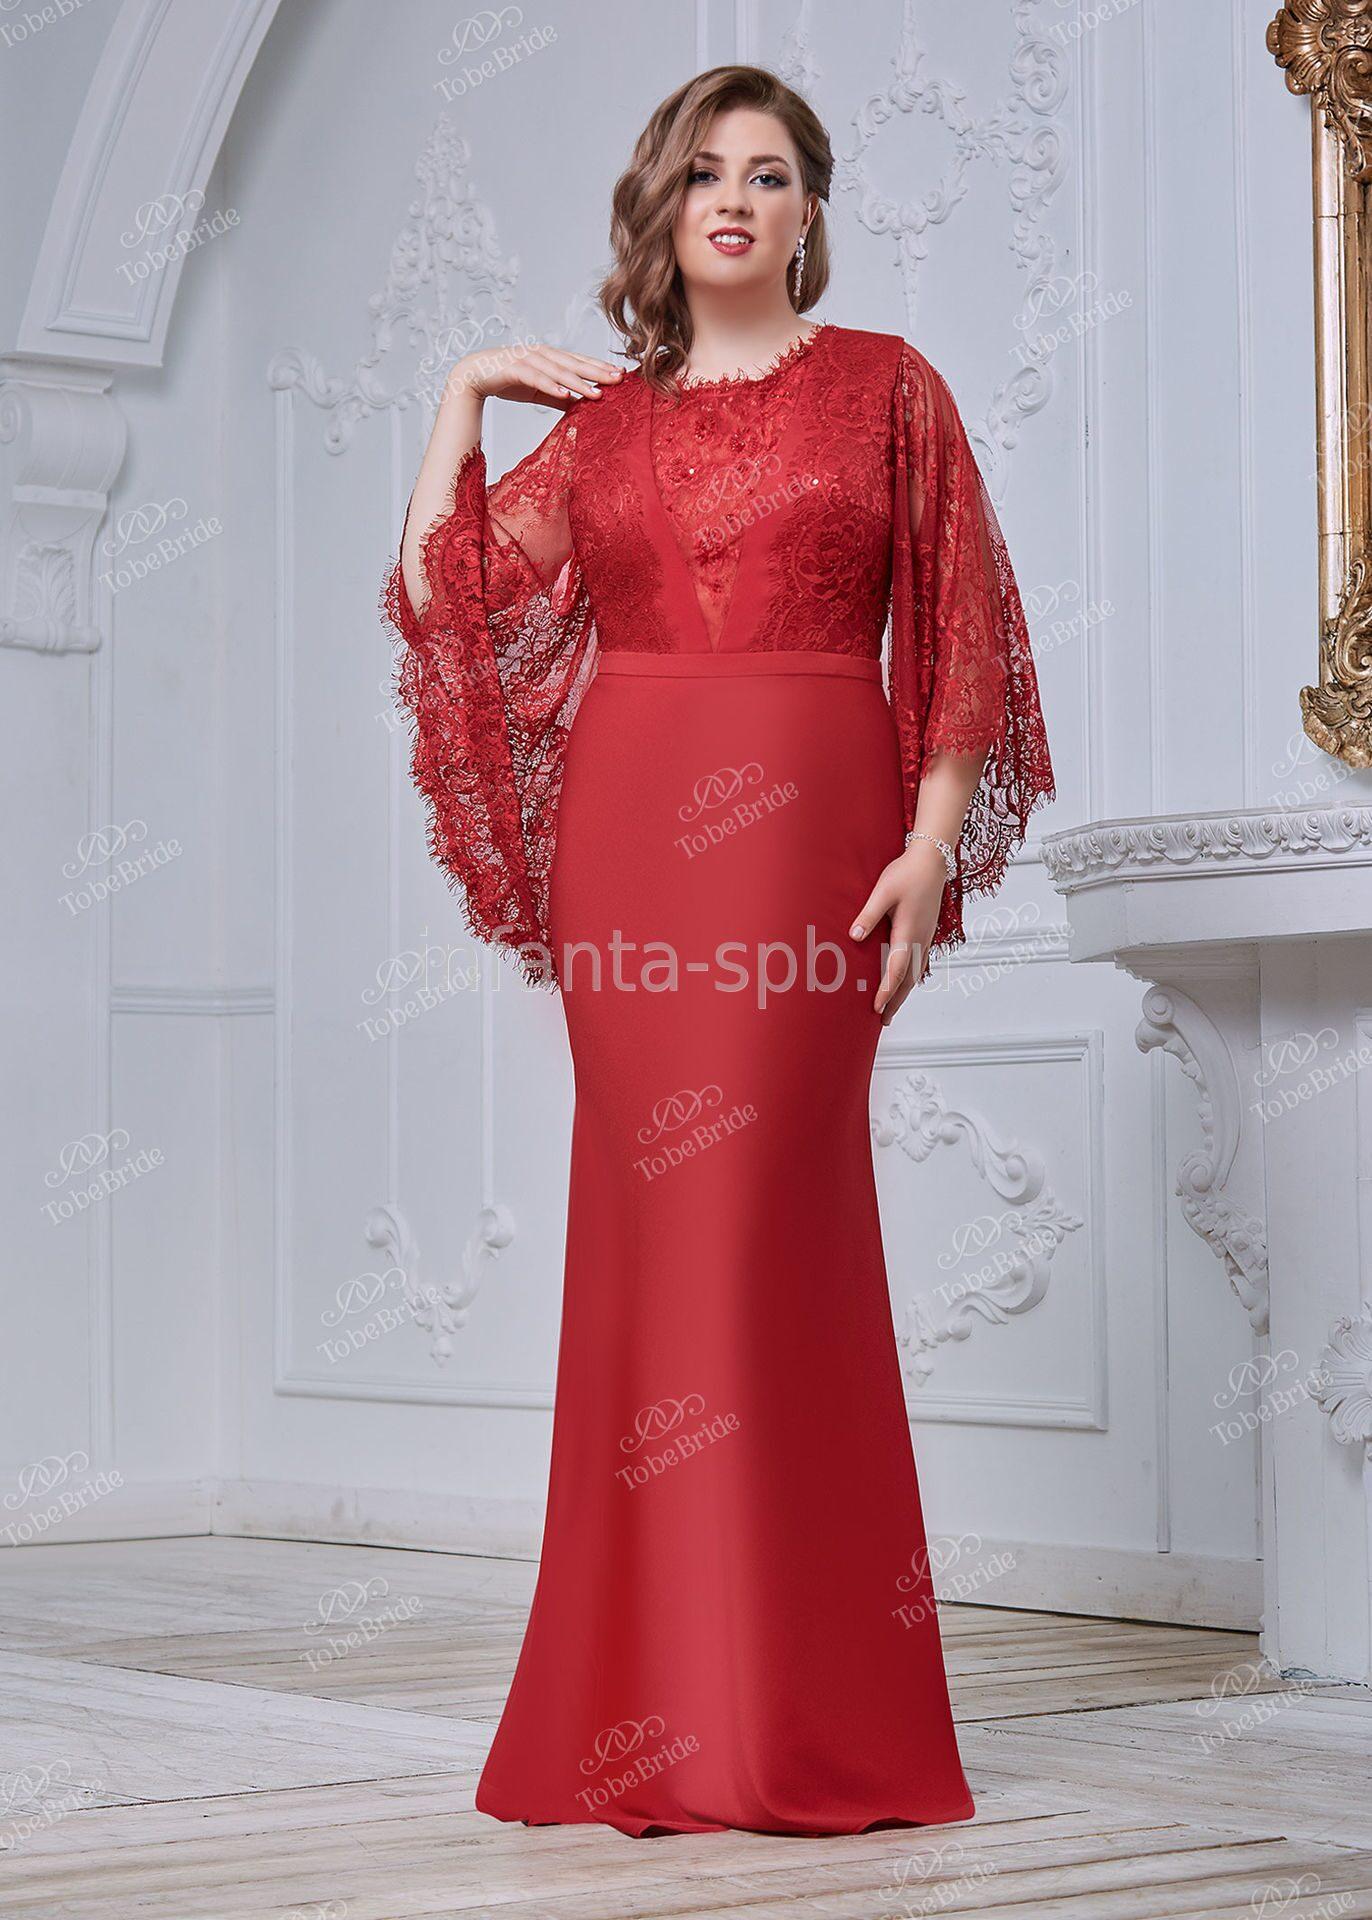 Красные платья и накидка